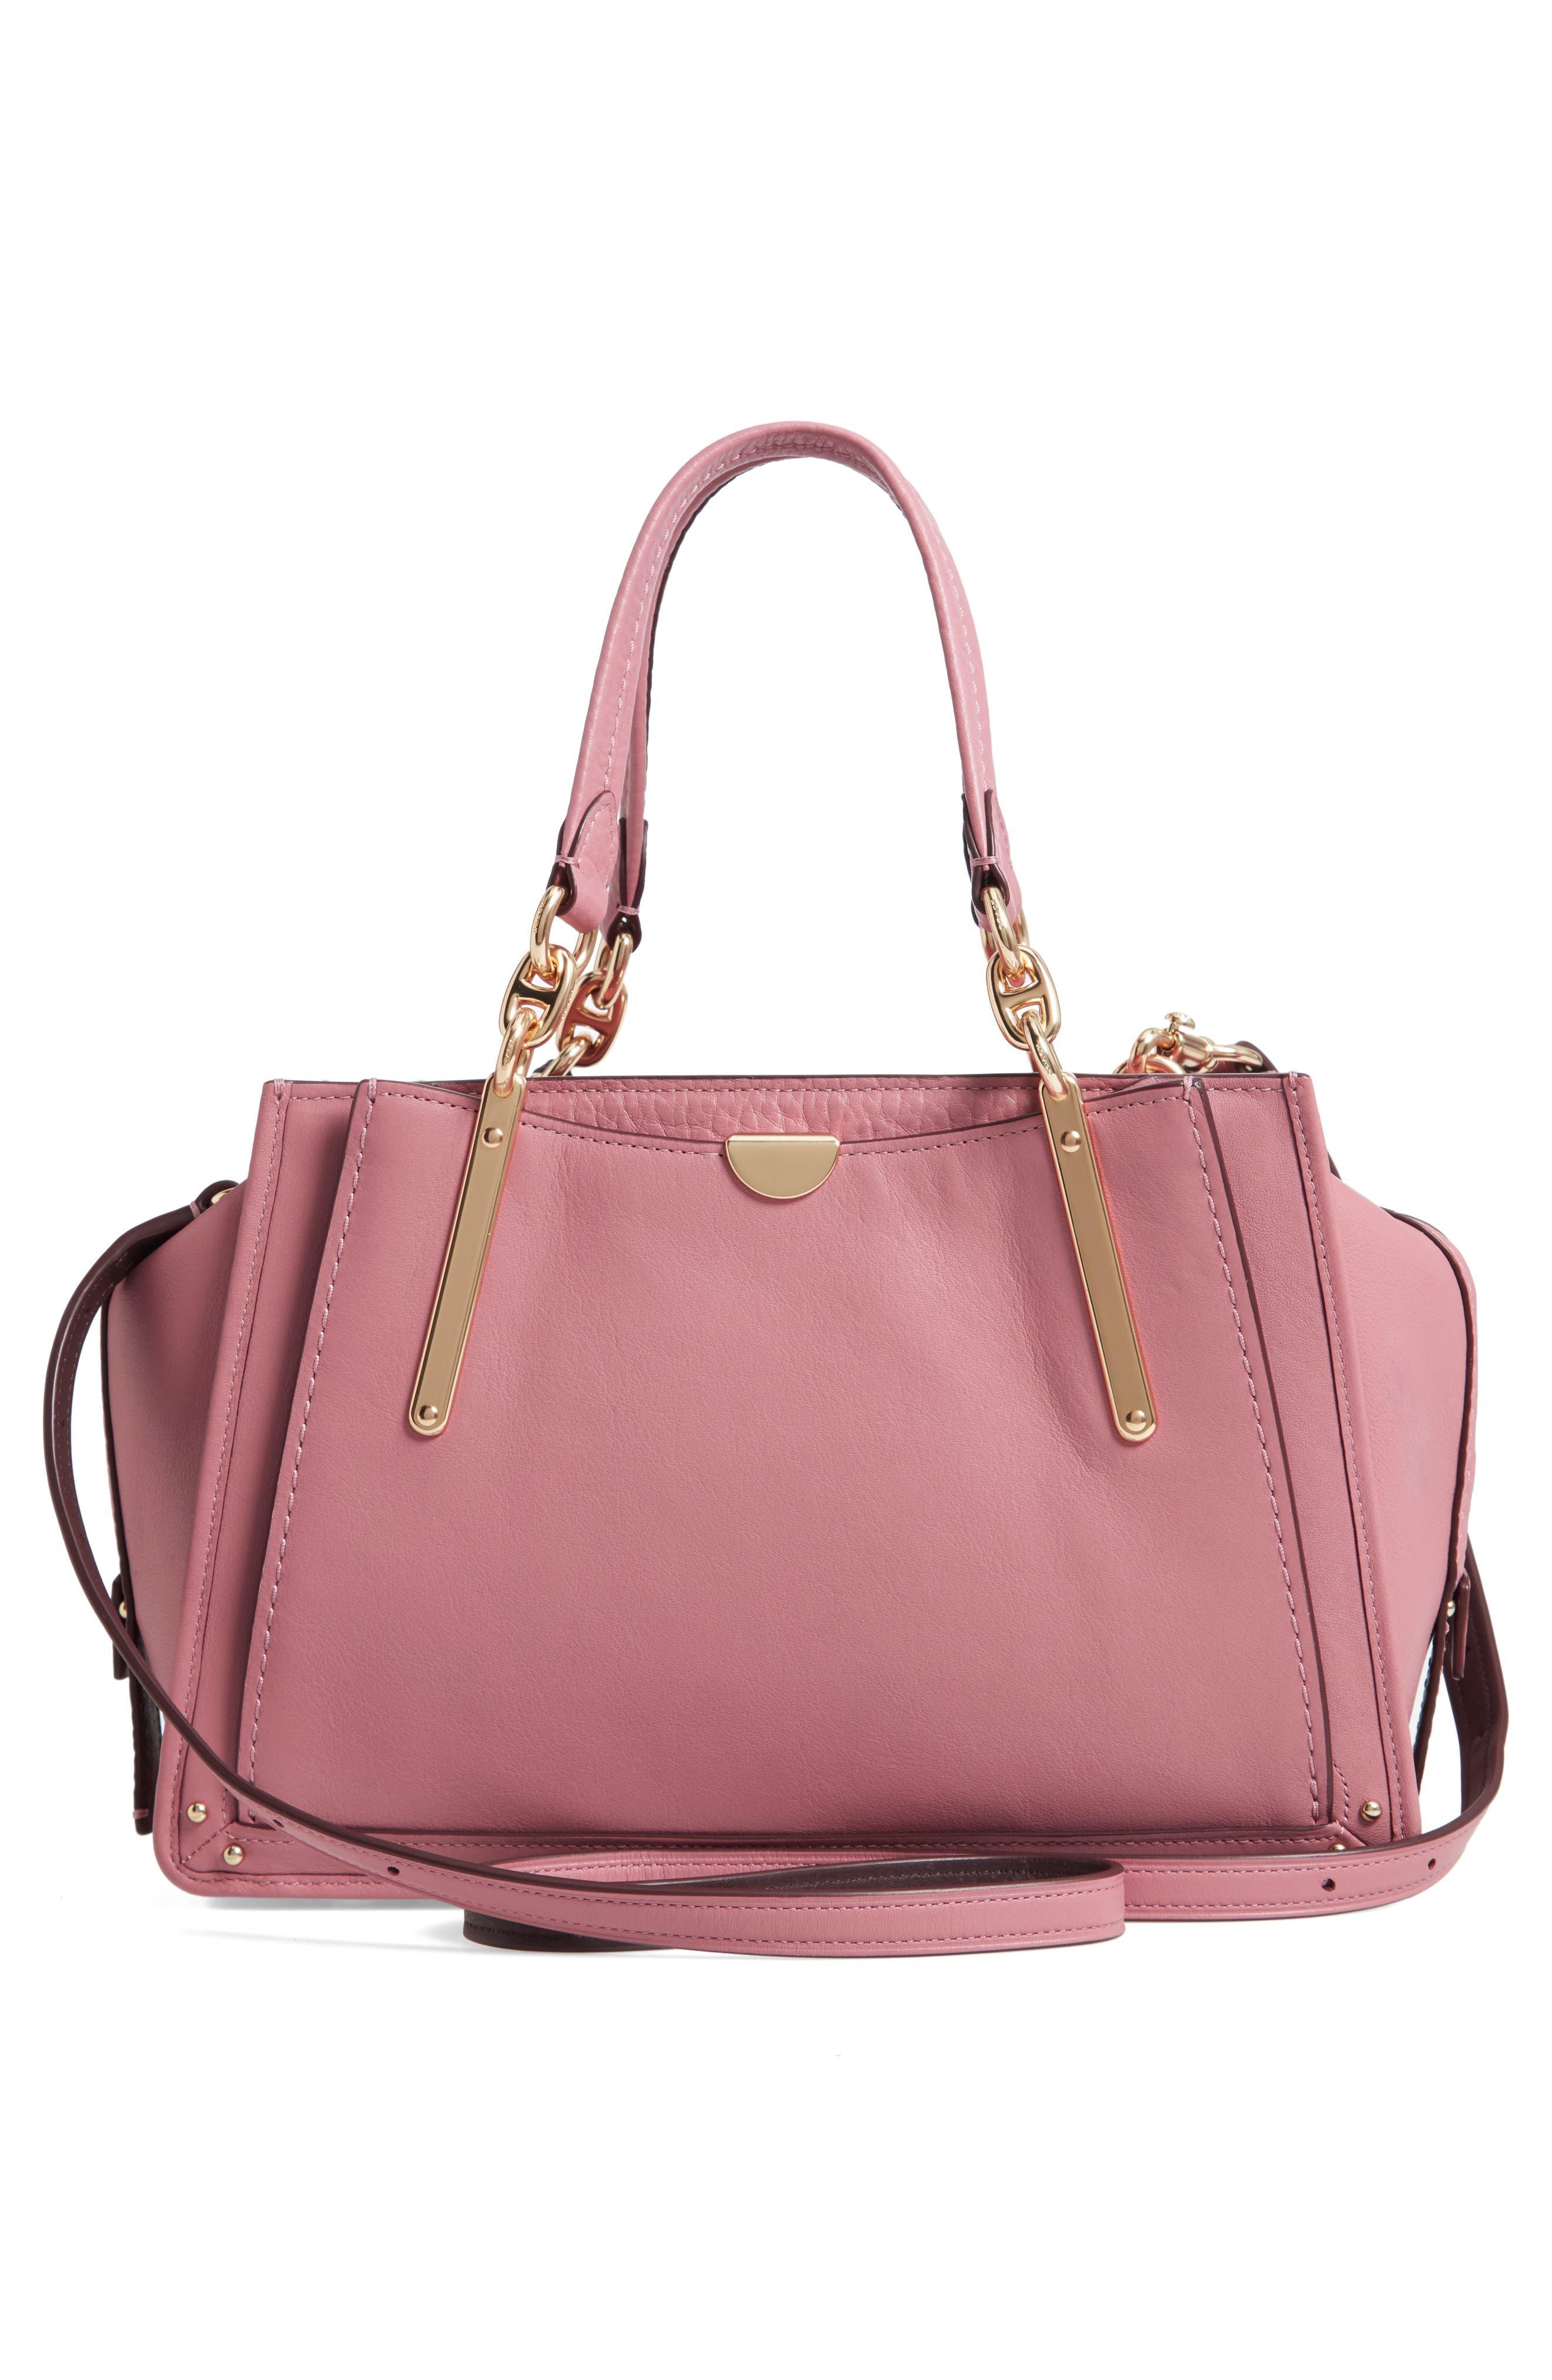 Dreamer Leather Handbag,                             Alternate thumbnail 3, color,                             ROSE MULTI